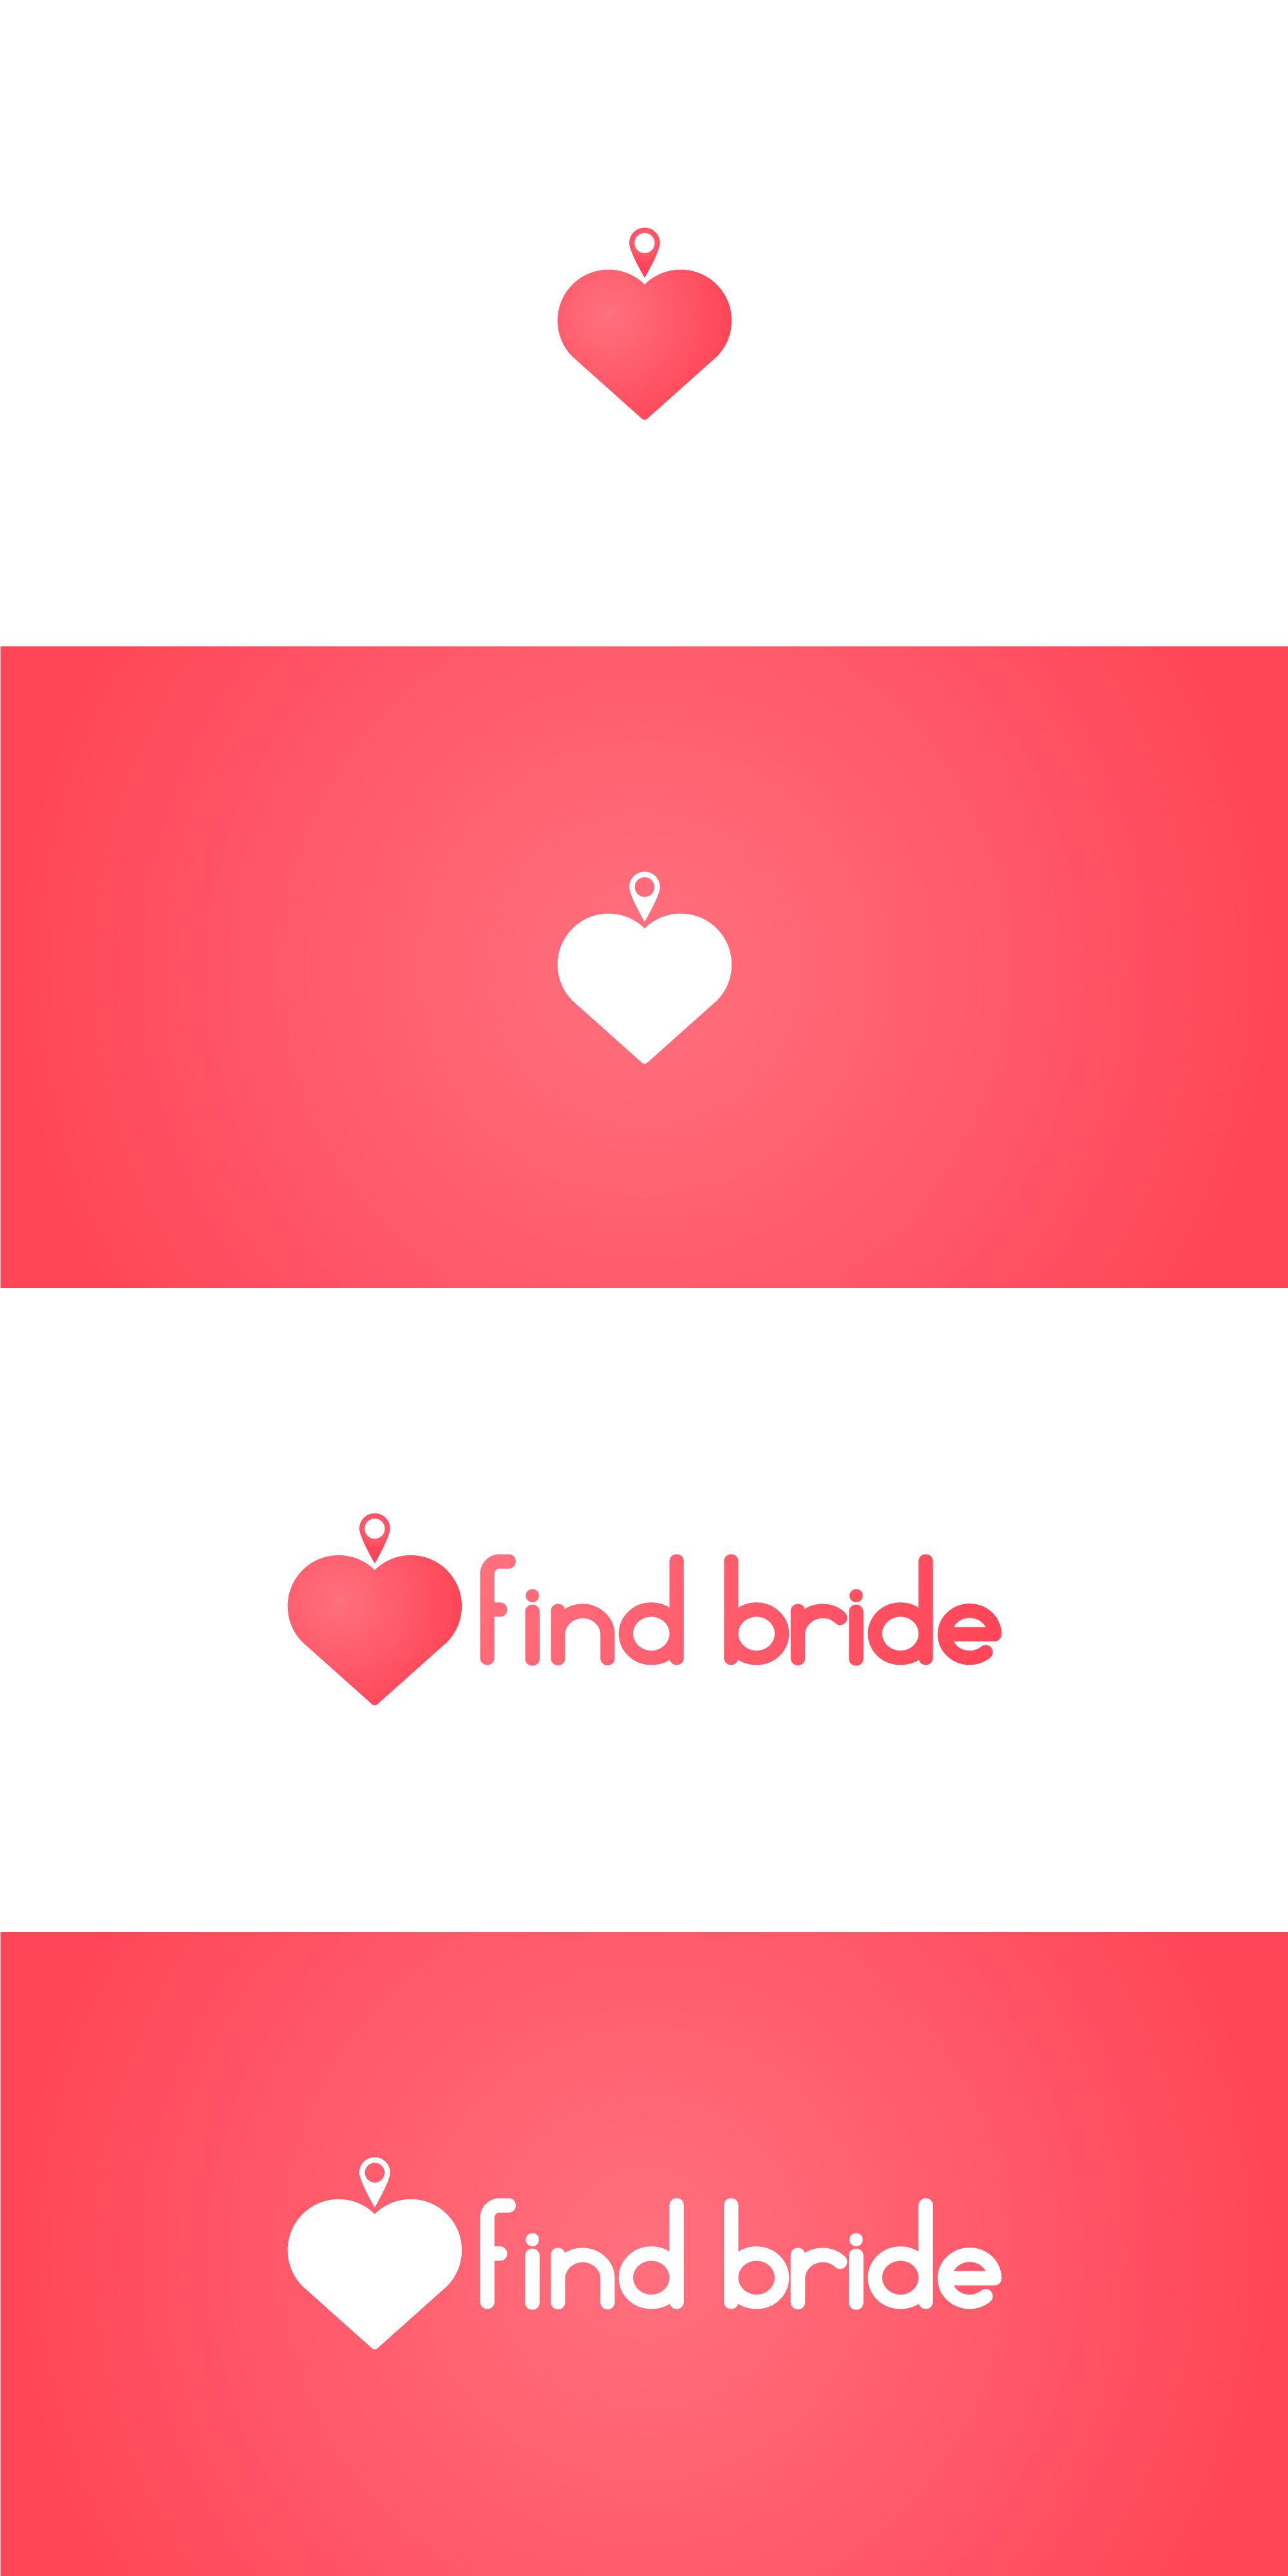 Нарисовать логотип сайта знакомств фото f_8895acdfd8c28edb.jpg